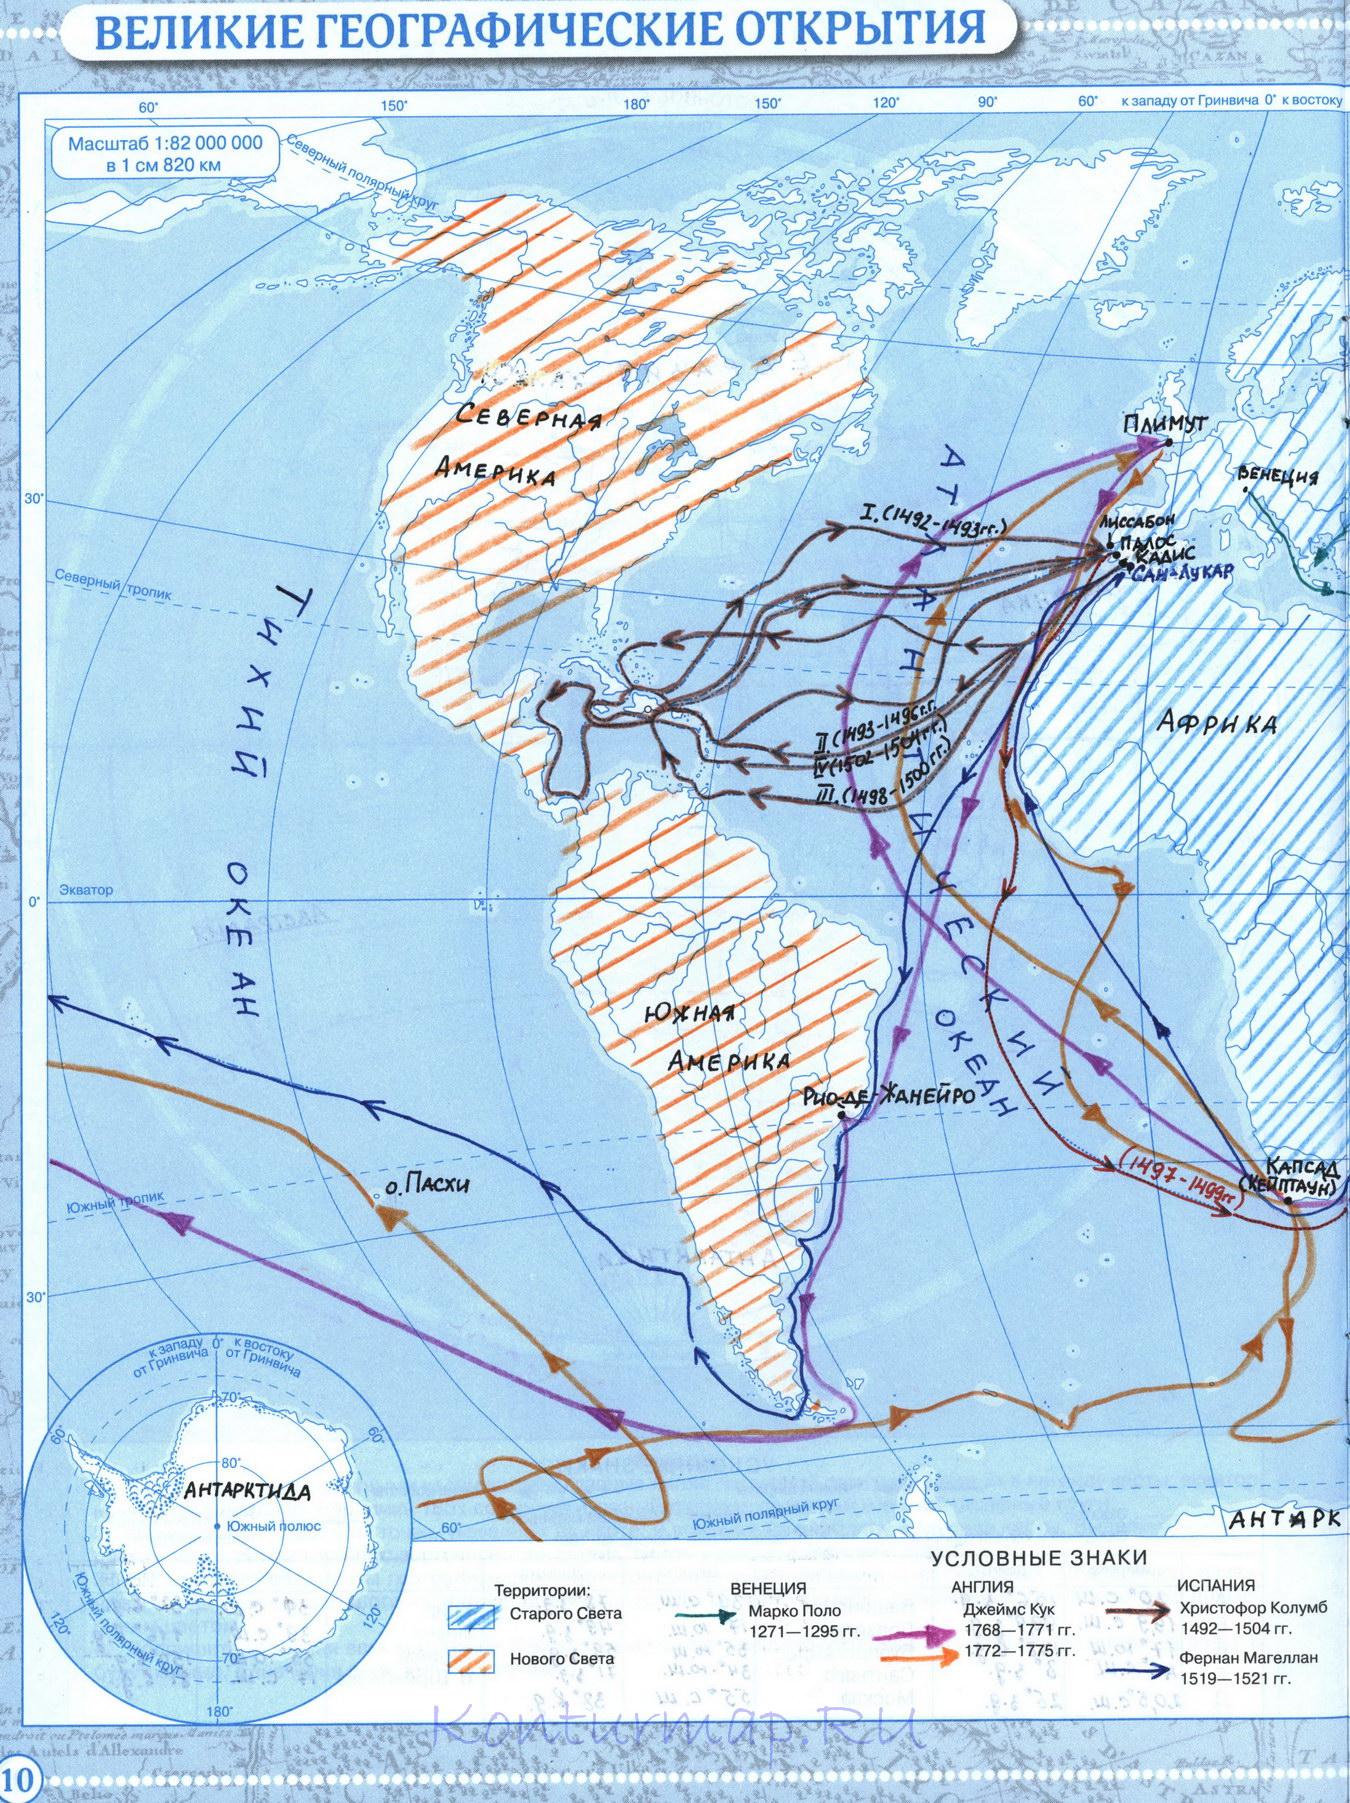 Гдз по географии 6 класс найти на атласе географические объекты